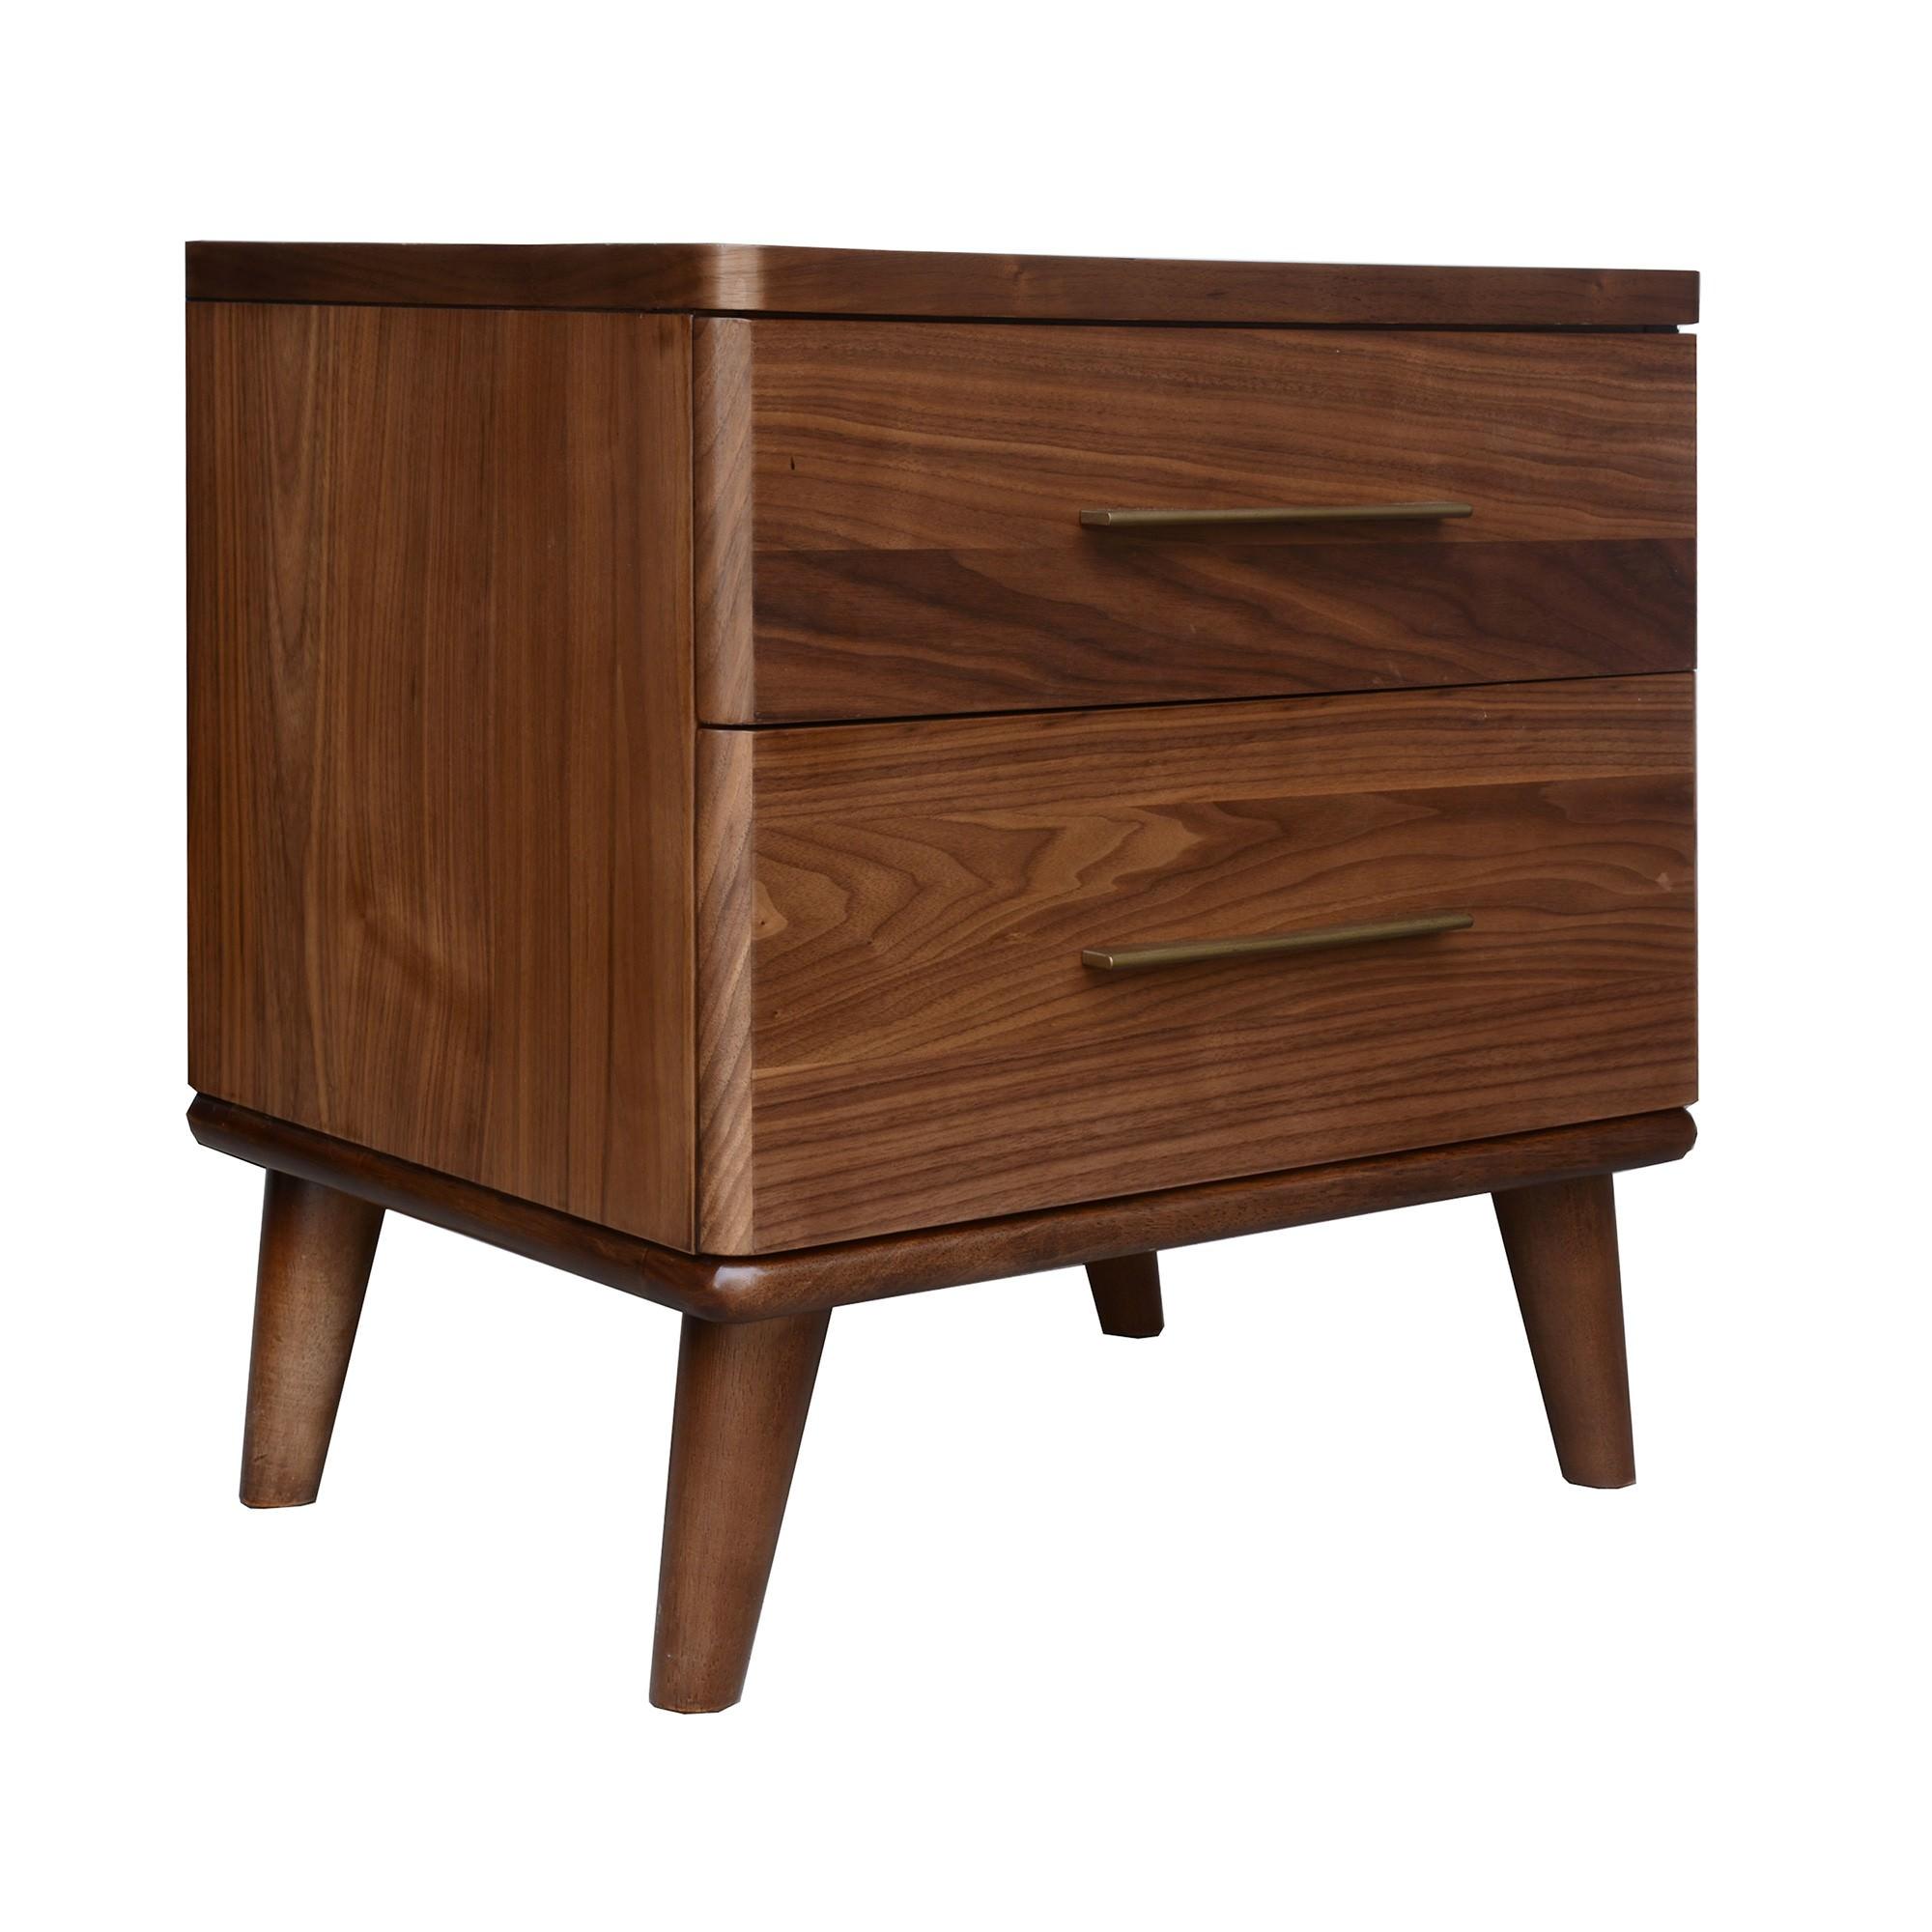 Stella Wooden Bedside Table, Walnut